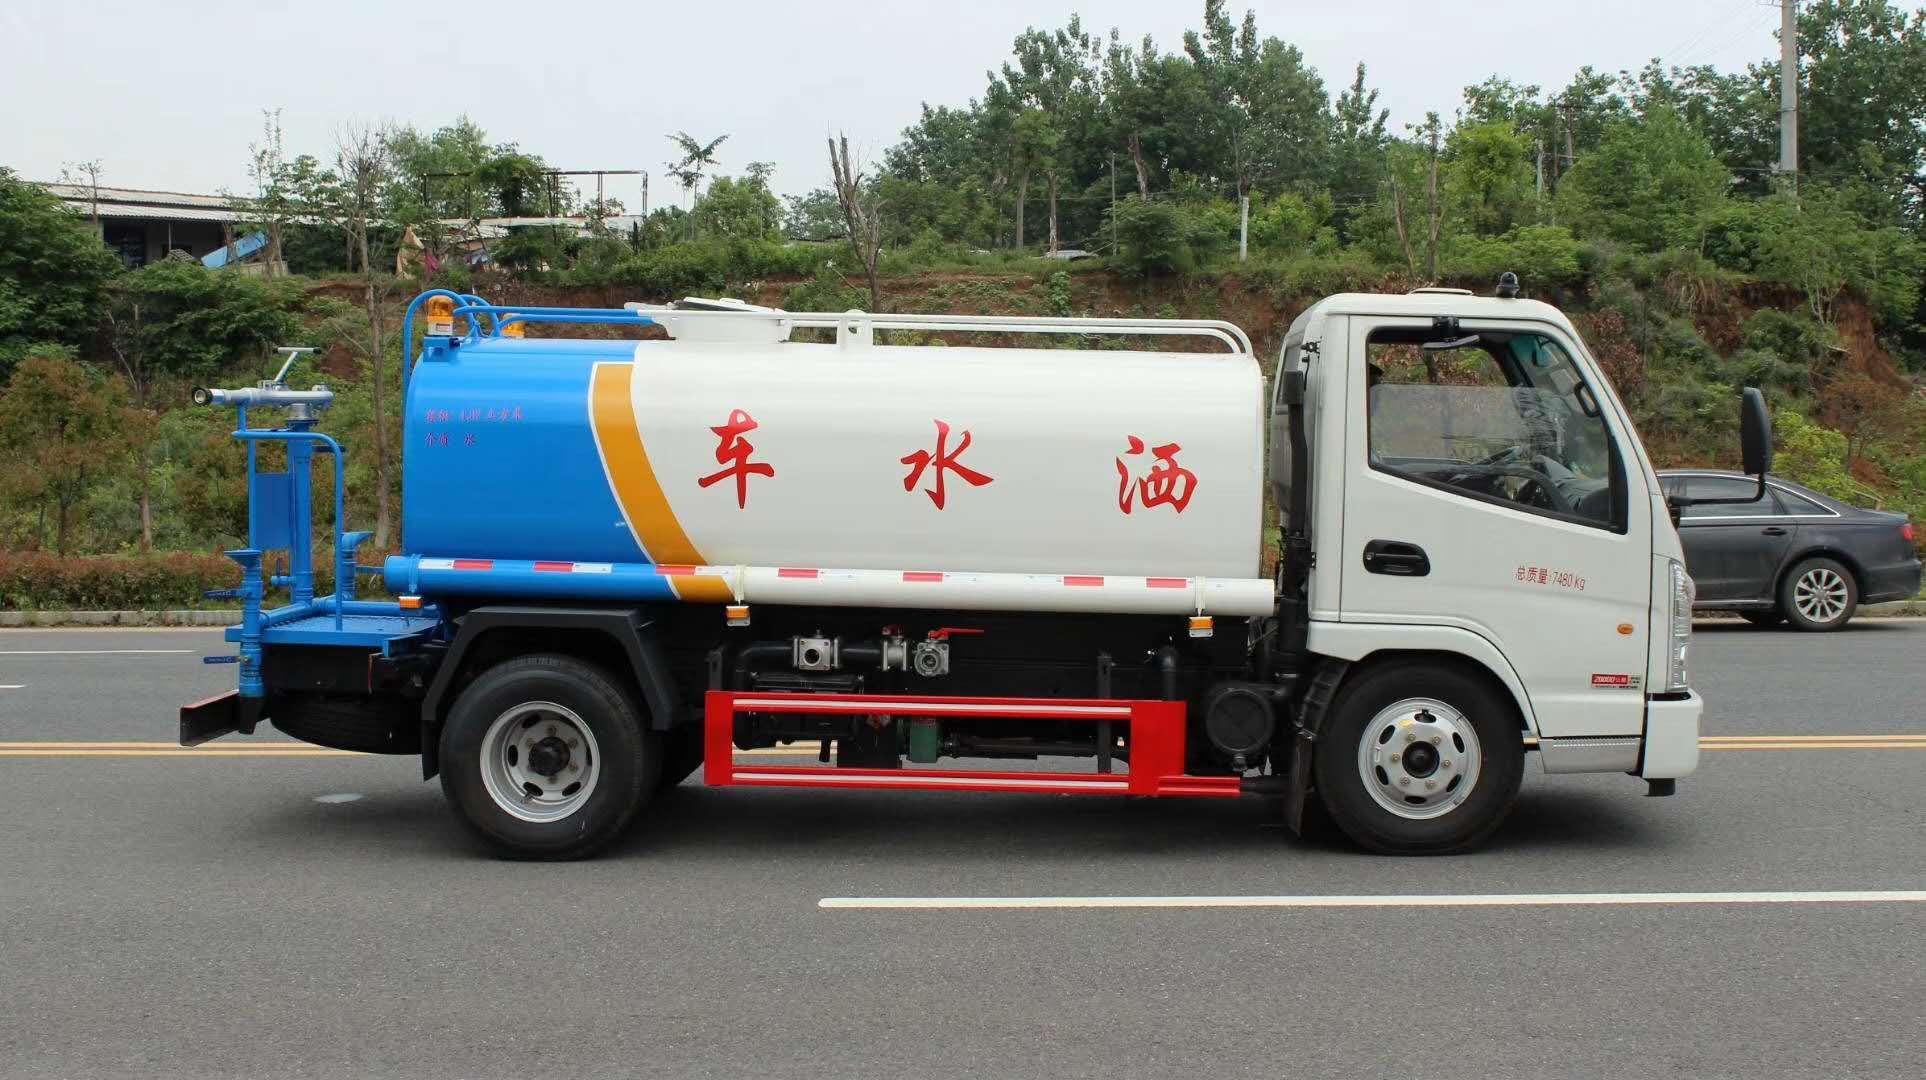 凱馬5方灑水車熱銷產品